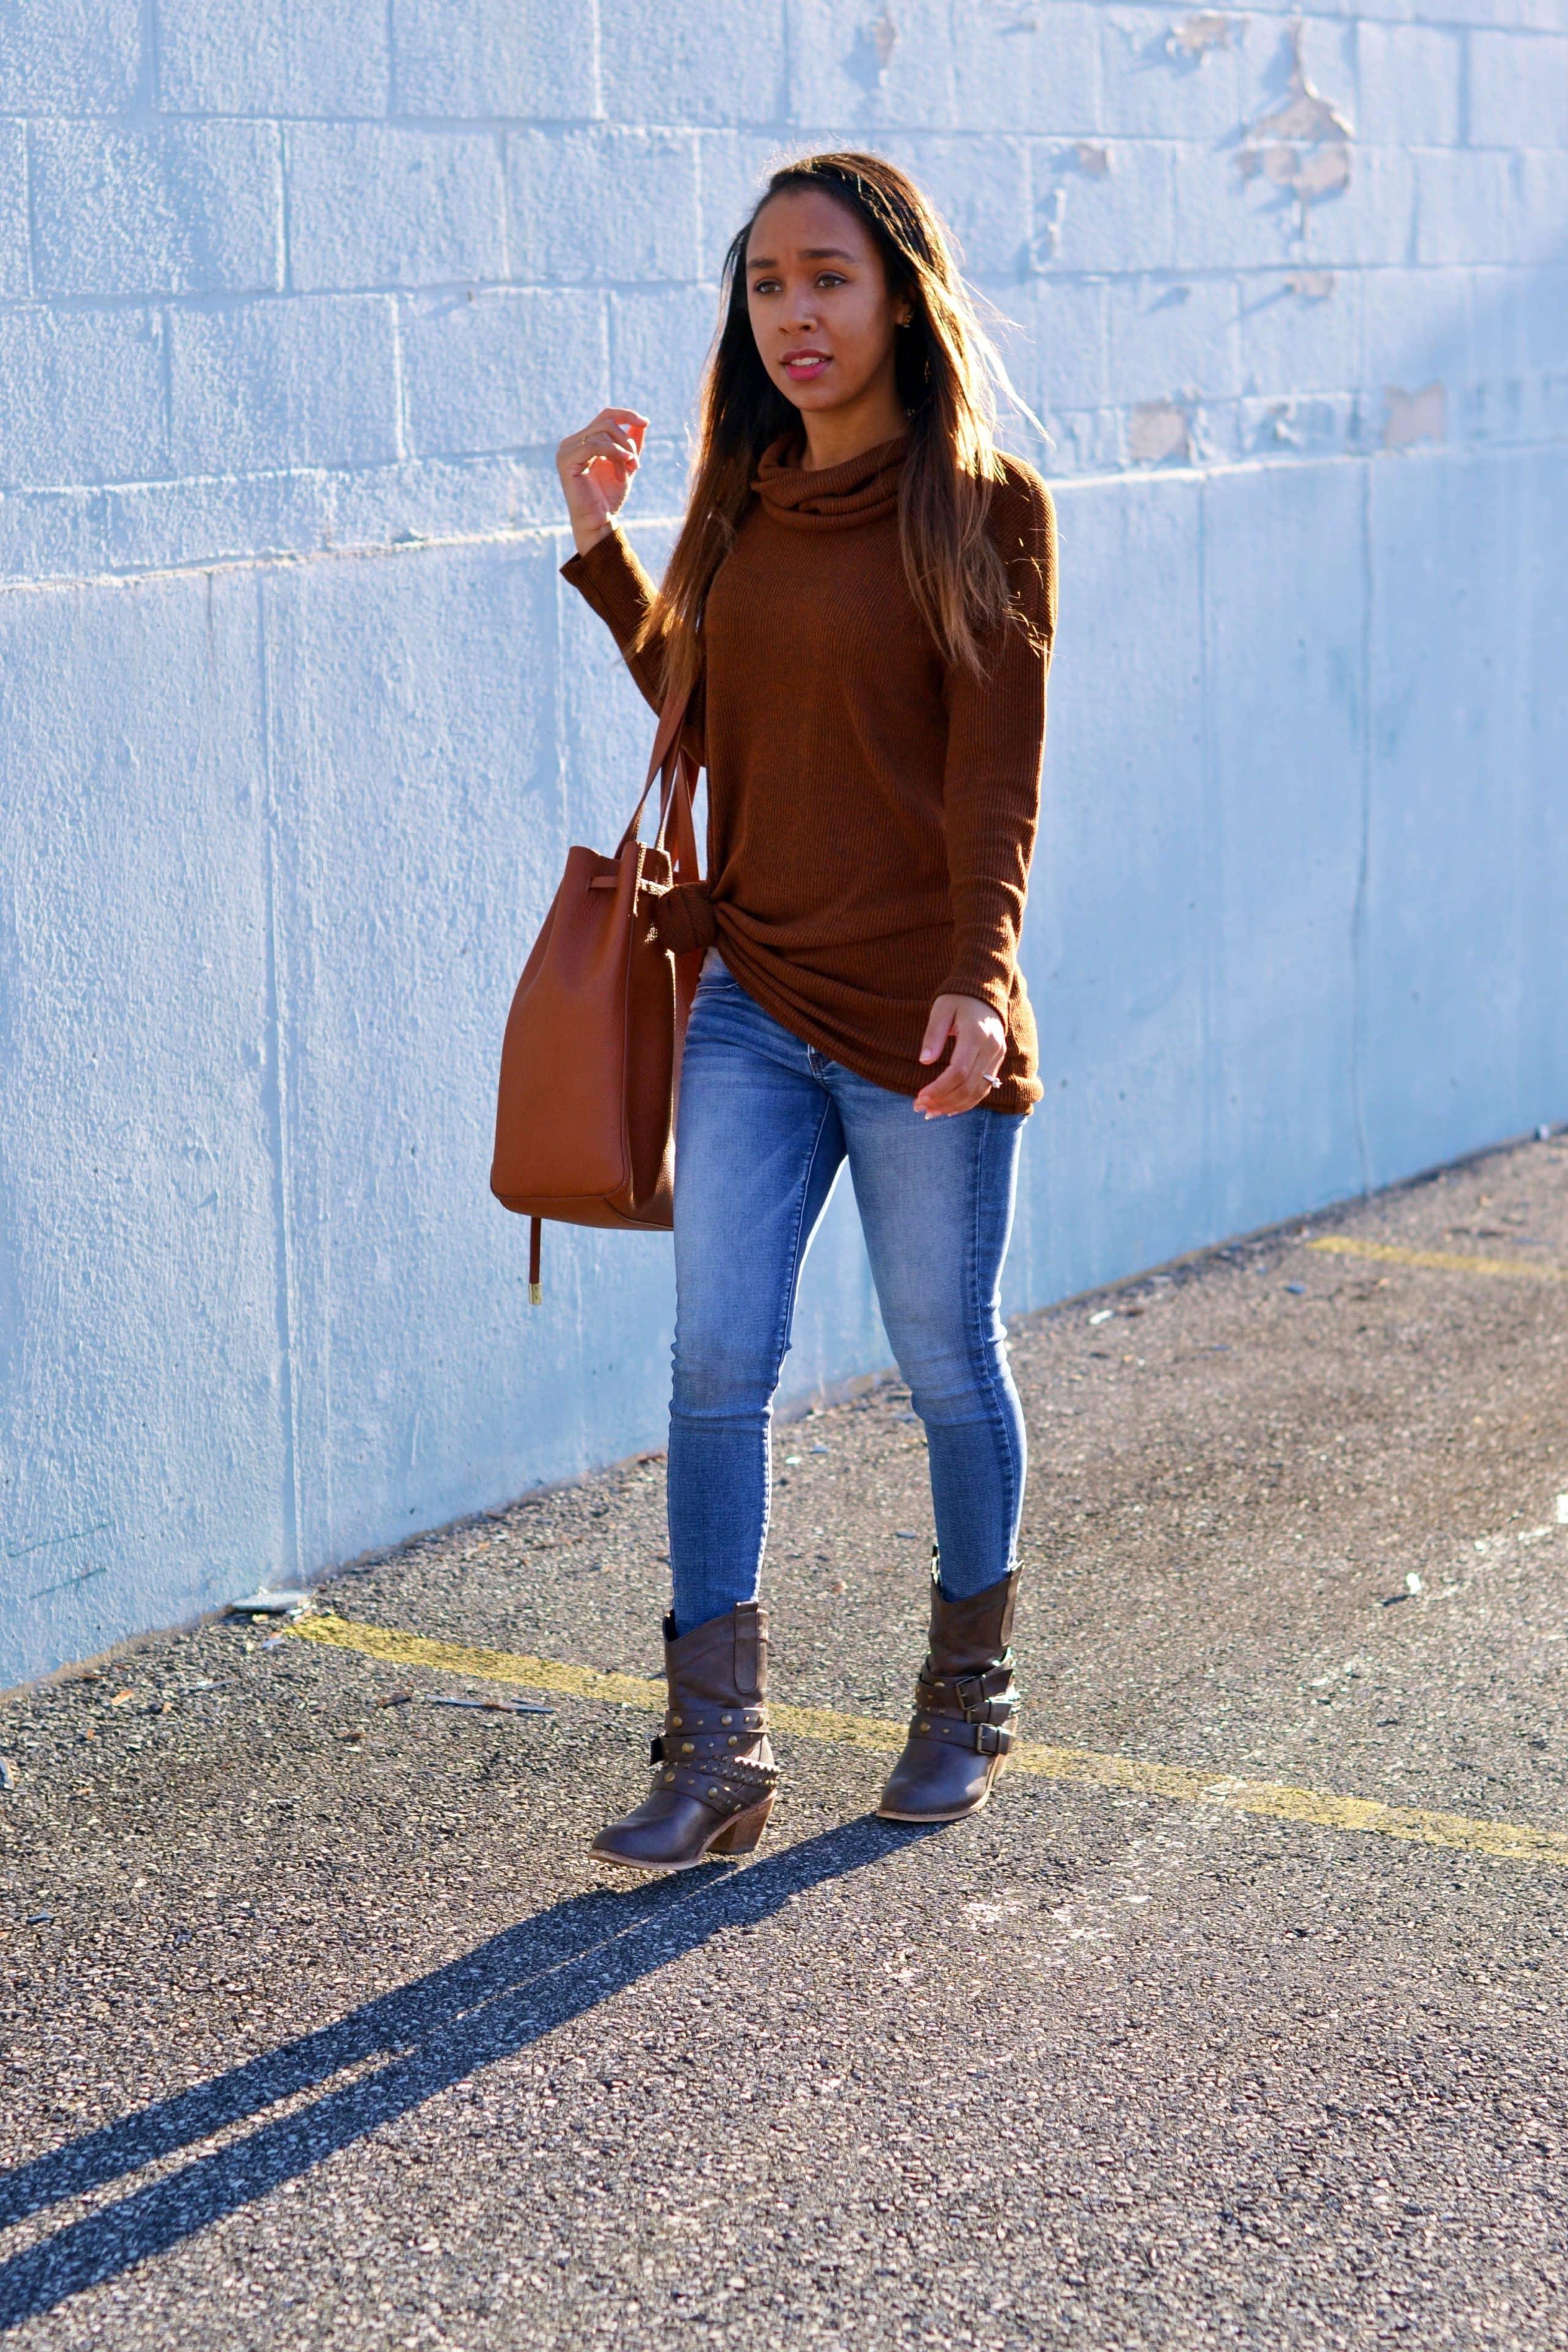 alter a sweater dress